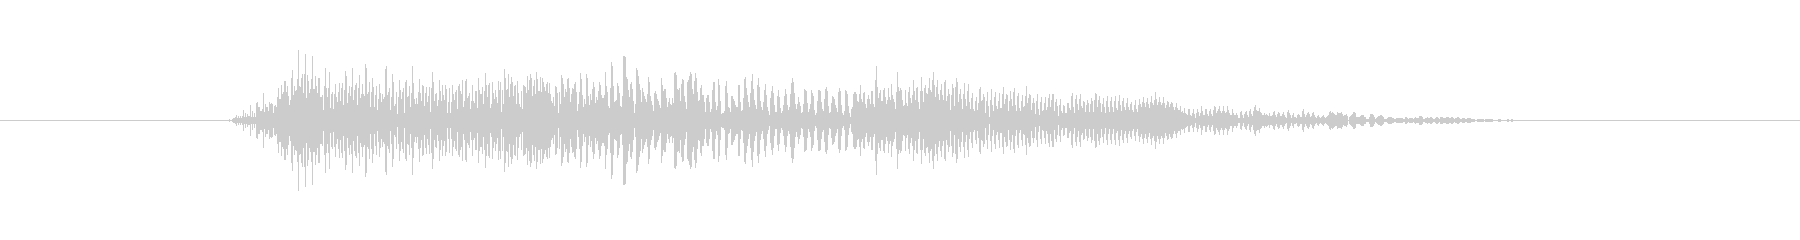 鳴き声 男性のうめき深い痛みの短い02の未再生の波形